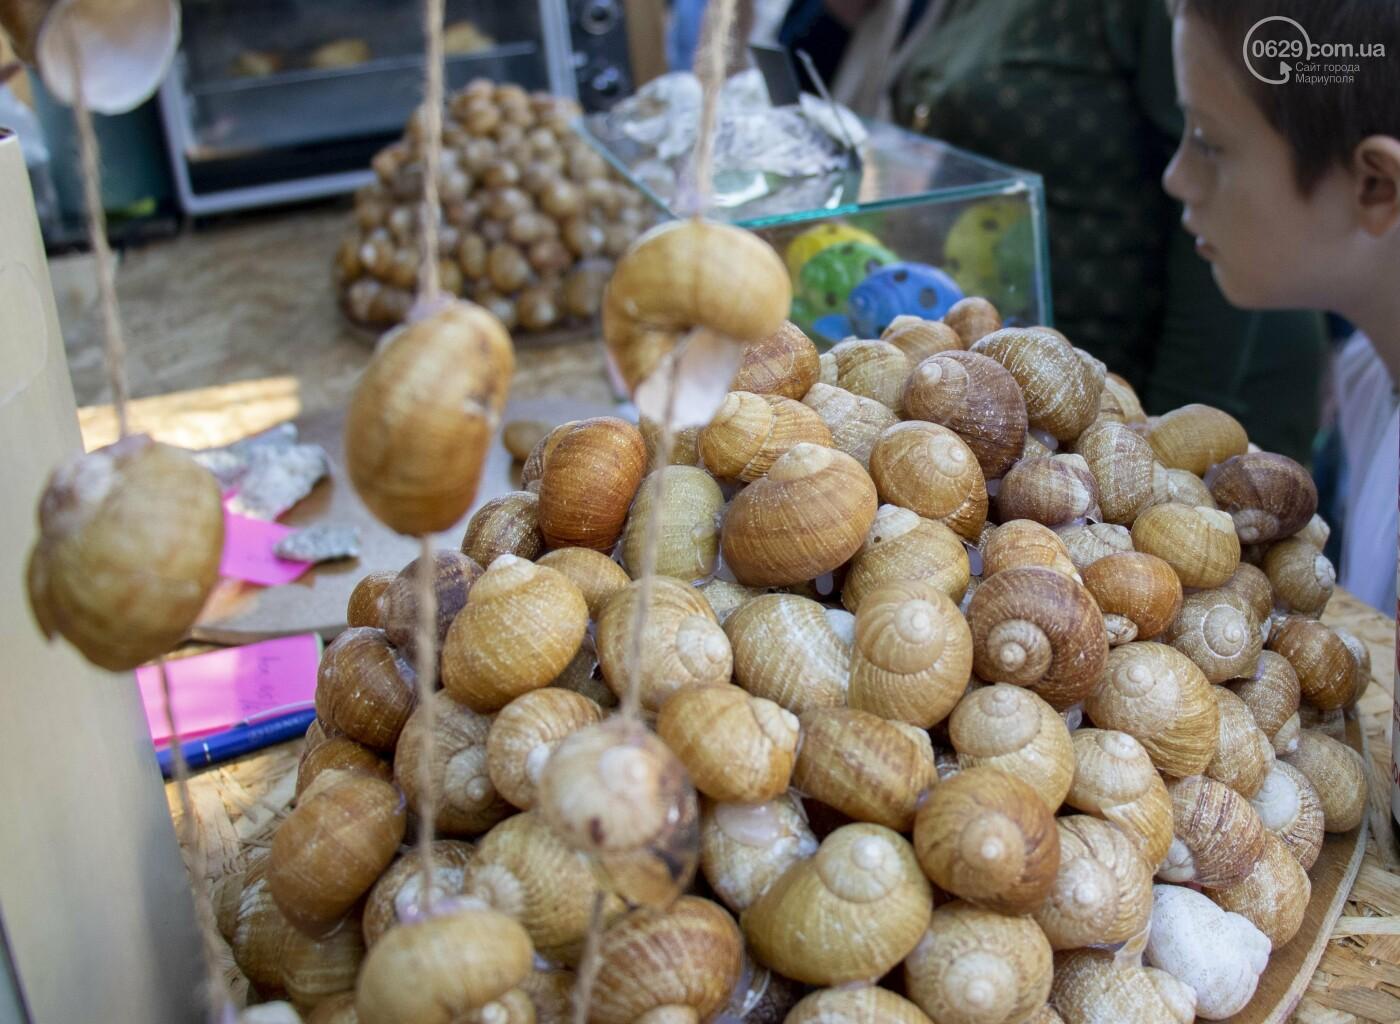 В центре Мариуполя открылся фермерский фестиваль,- ФОТОРЕПОРТАЖ, фото-18